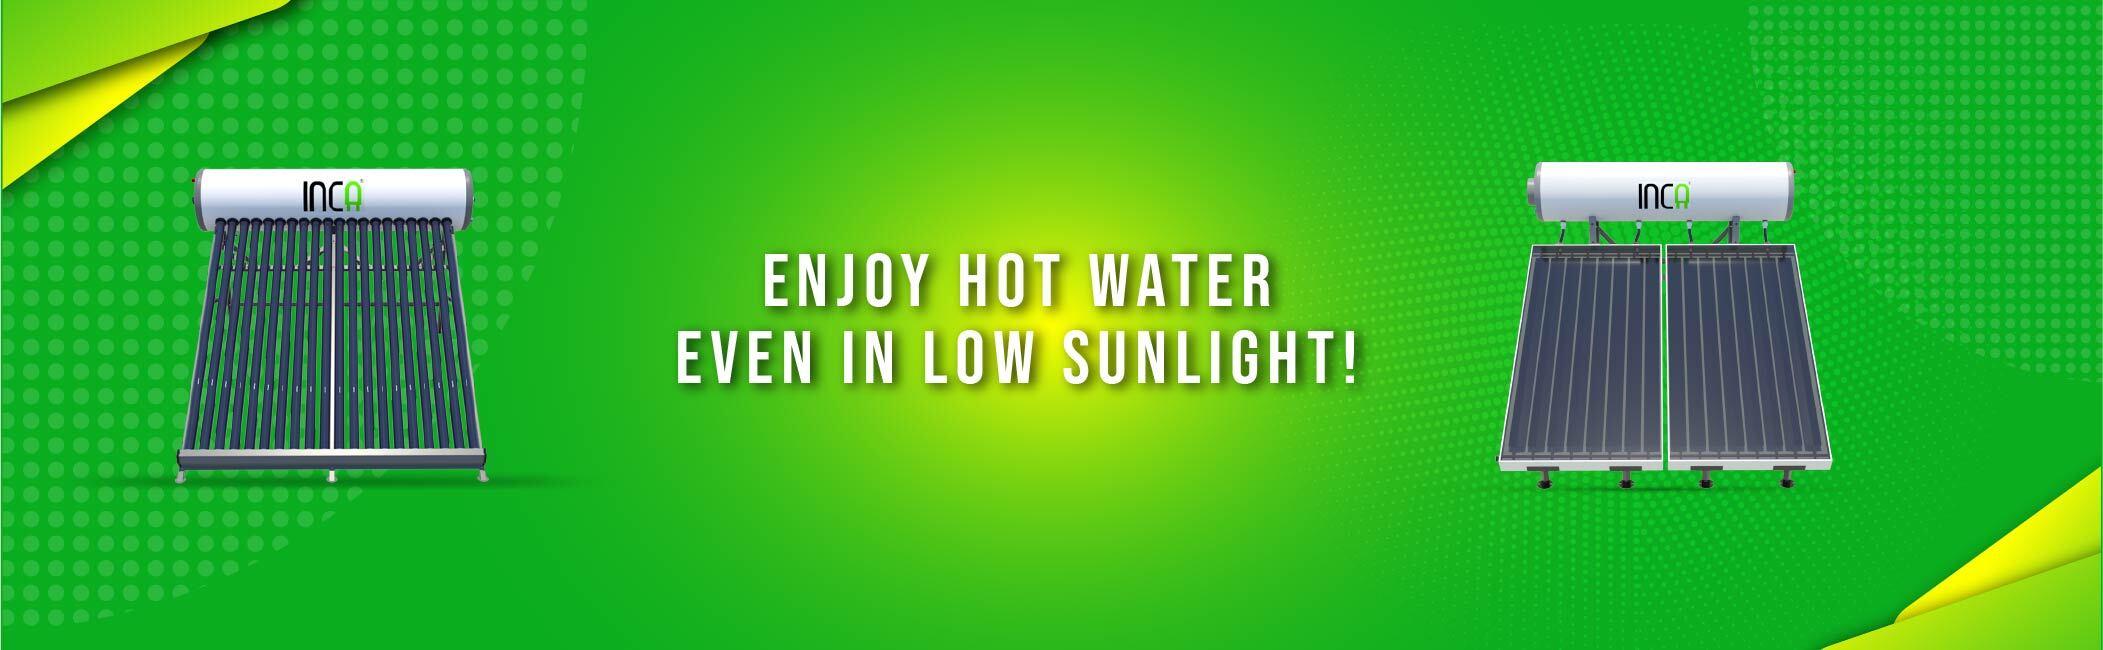 Inca - Enjoy hot water even in low sunlight